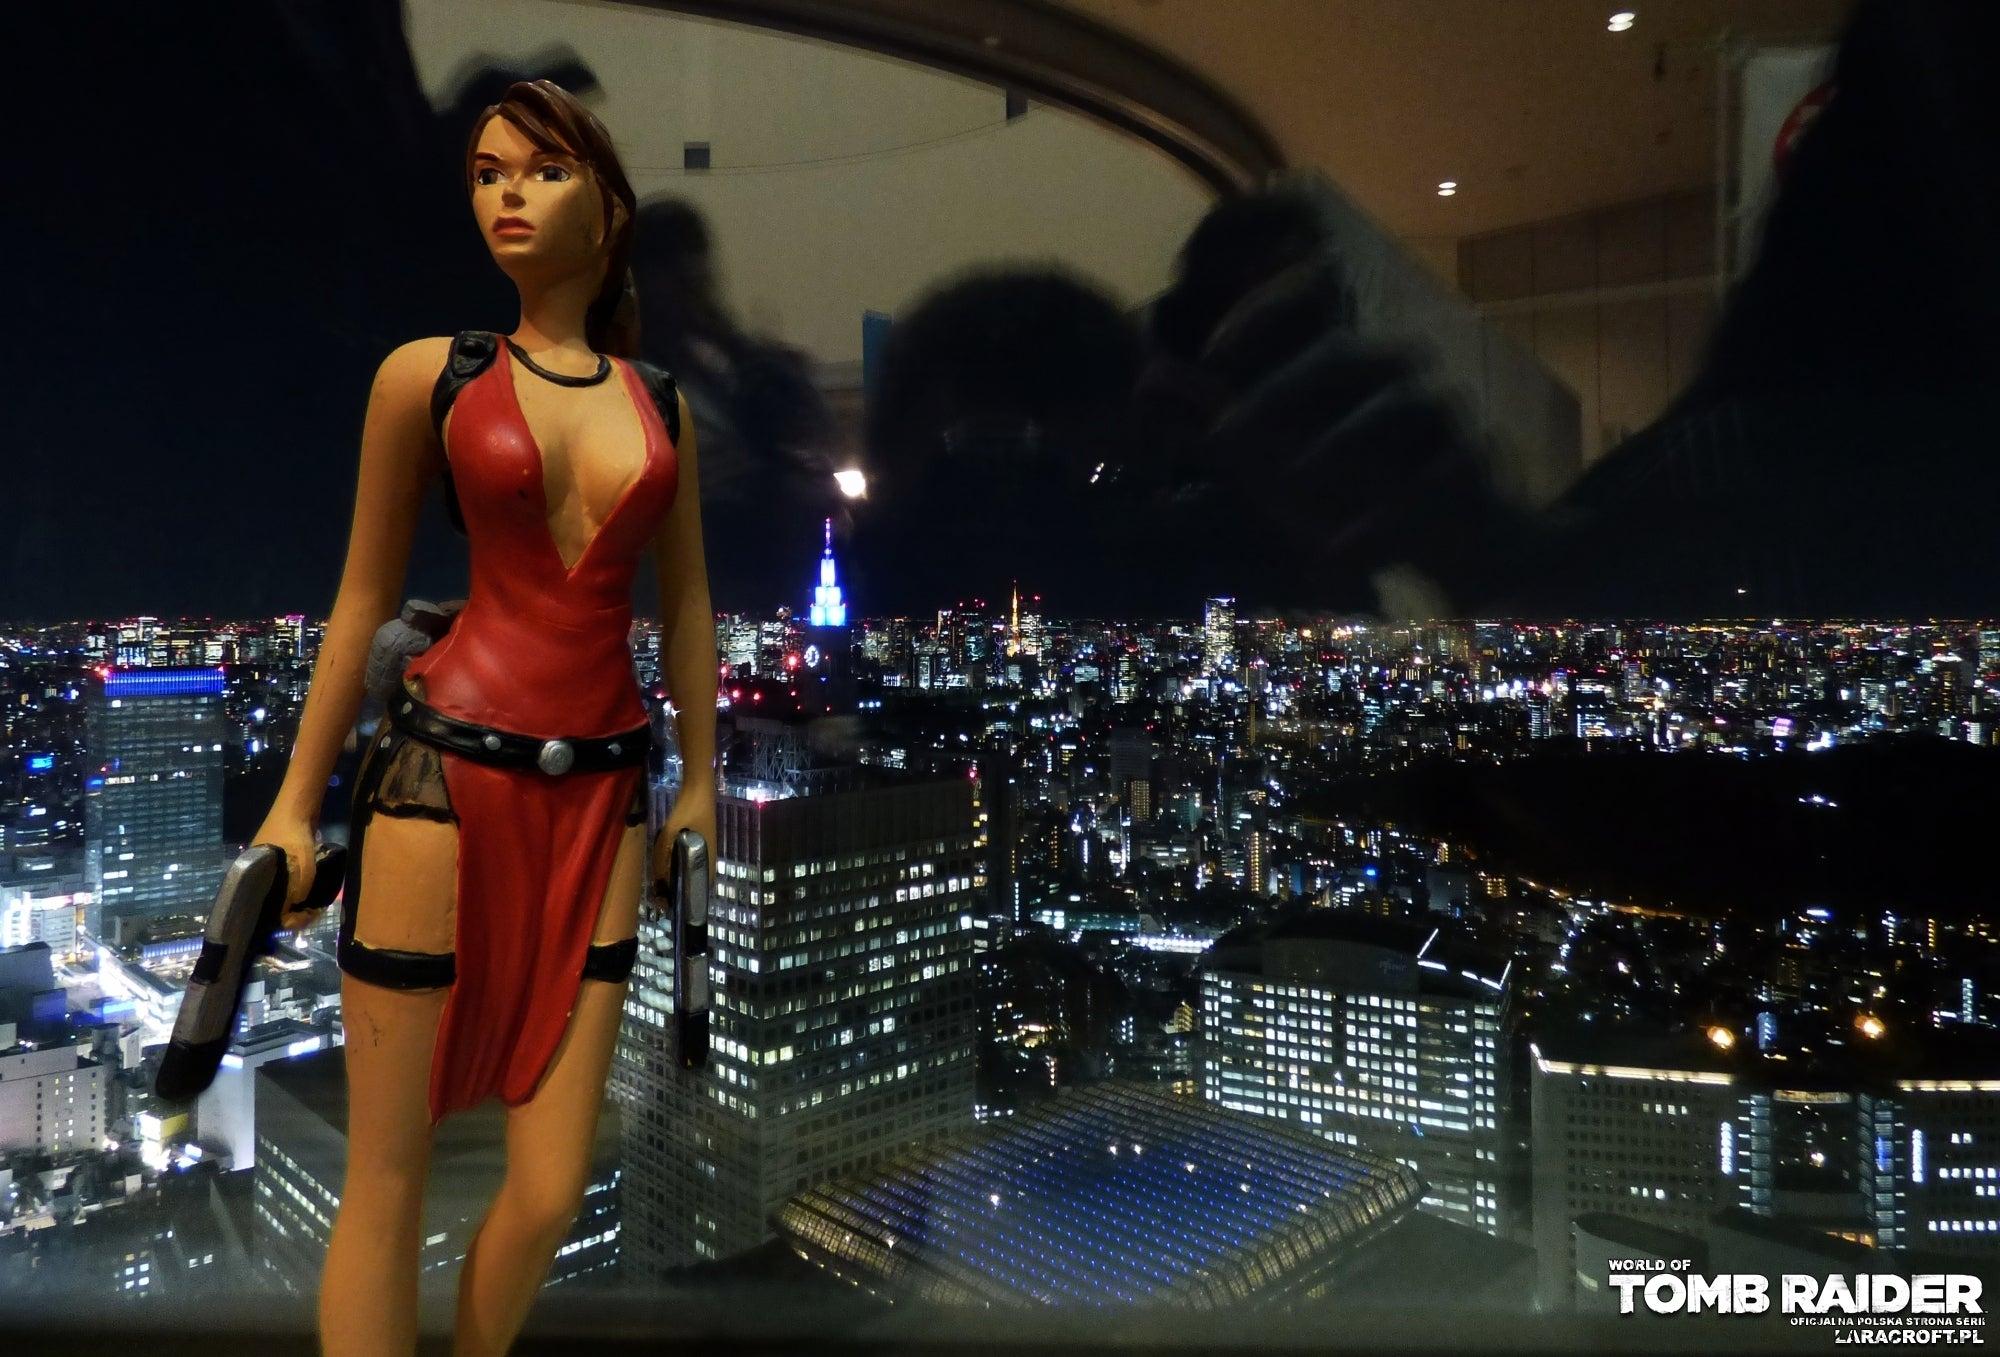 A photograph of a Lara Croft figure inside a skyscraper in Tokyo